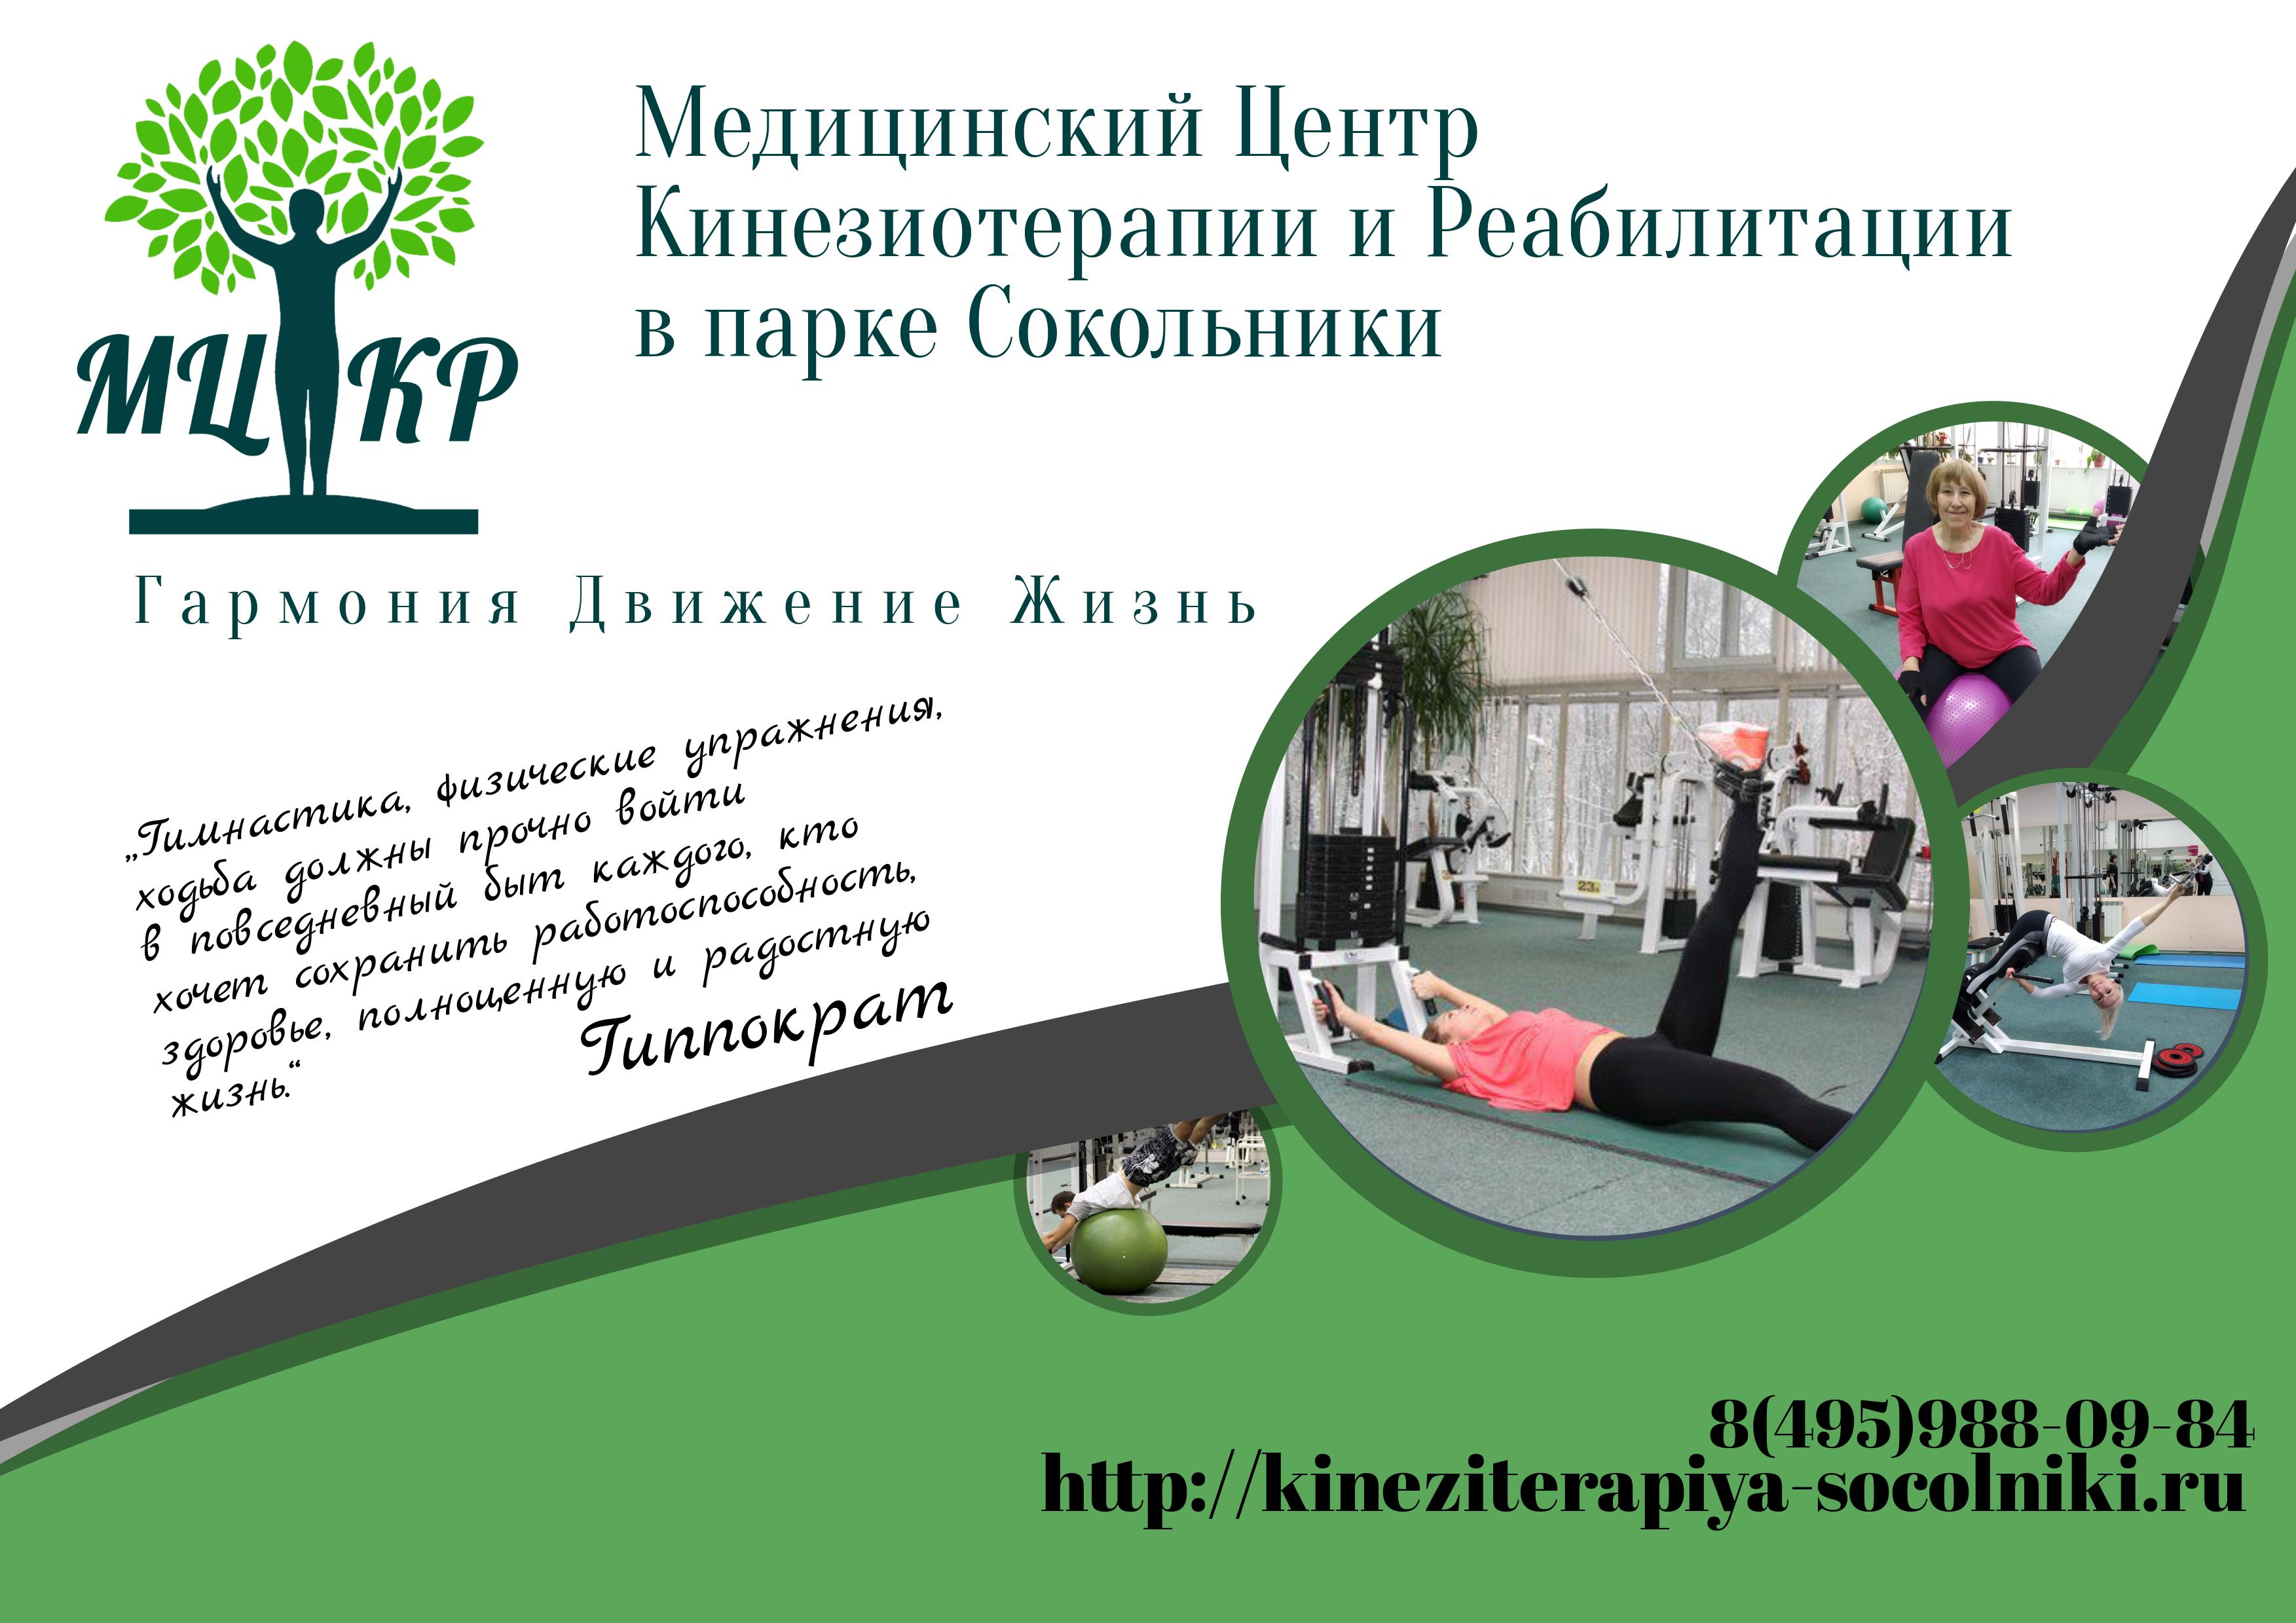 Медицинский центр Кинезиотерапии и Реабилитации в парке Сокольники.